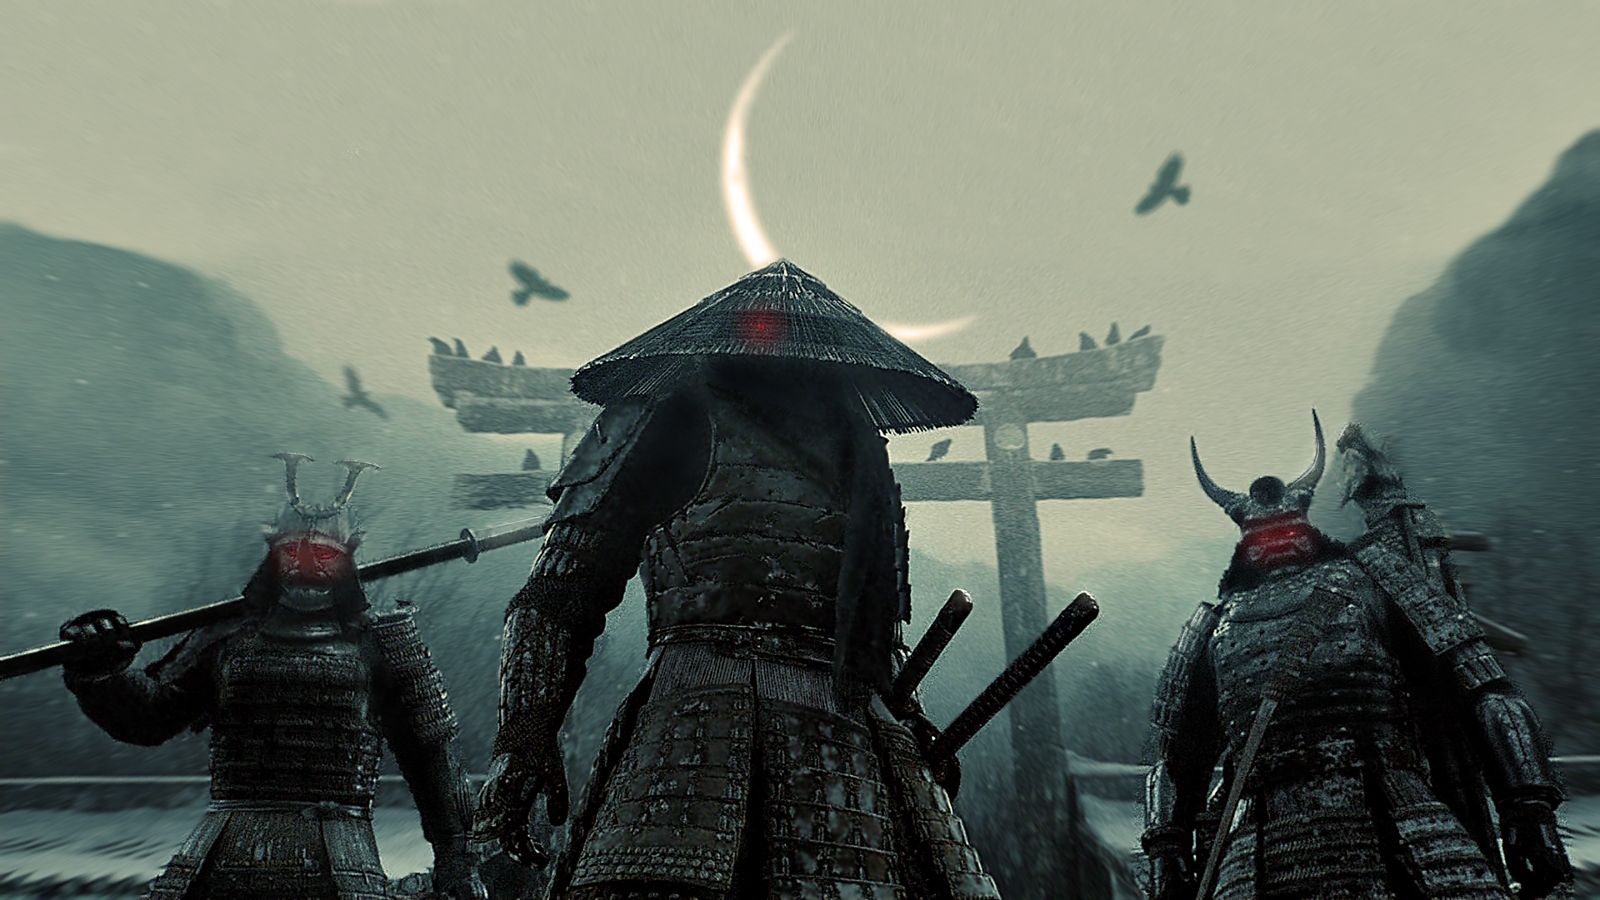 Bildergebnis für Epic samurai